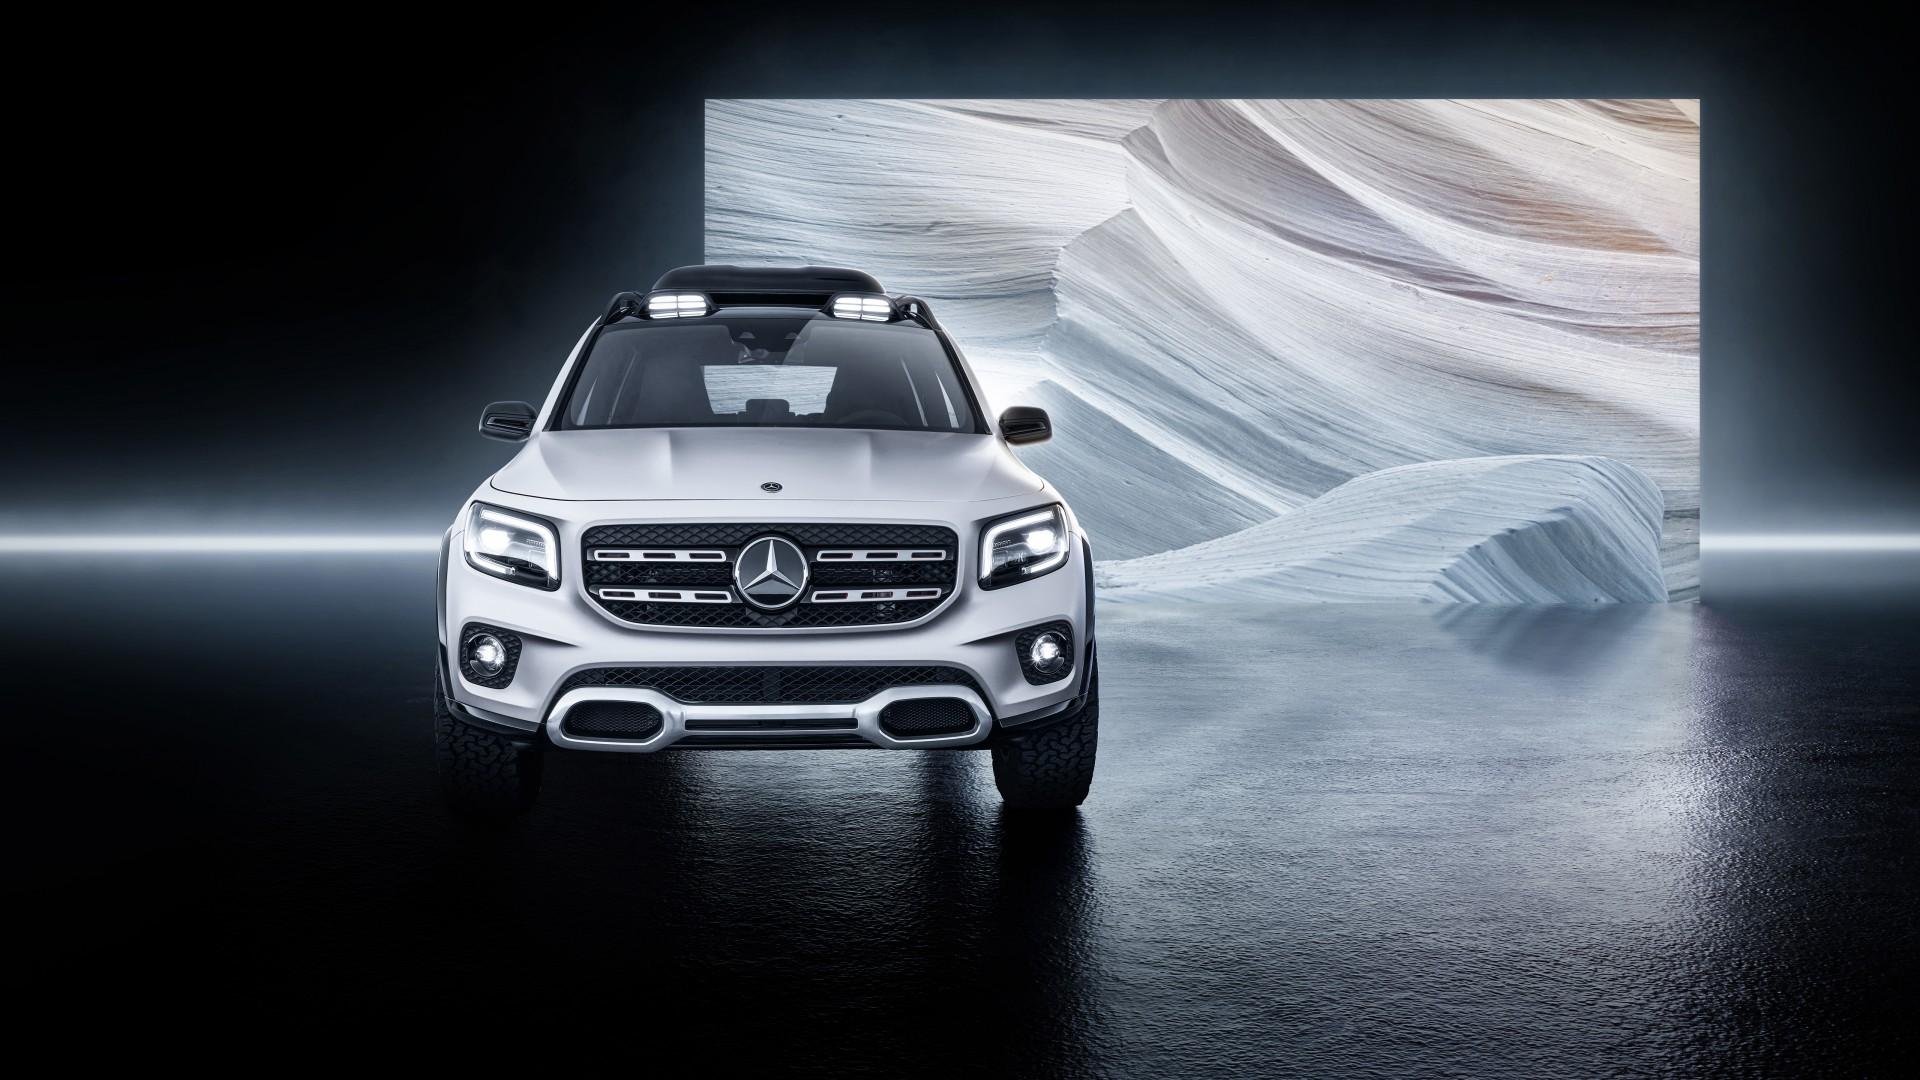 Mercedes Benz Amg >> Mercedes-Benz Concept GLB 2019 5K 2 Wallpaper | HD Car